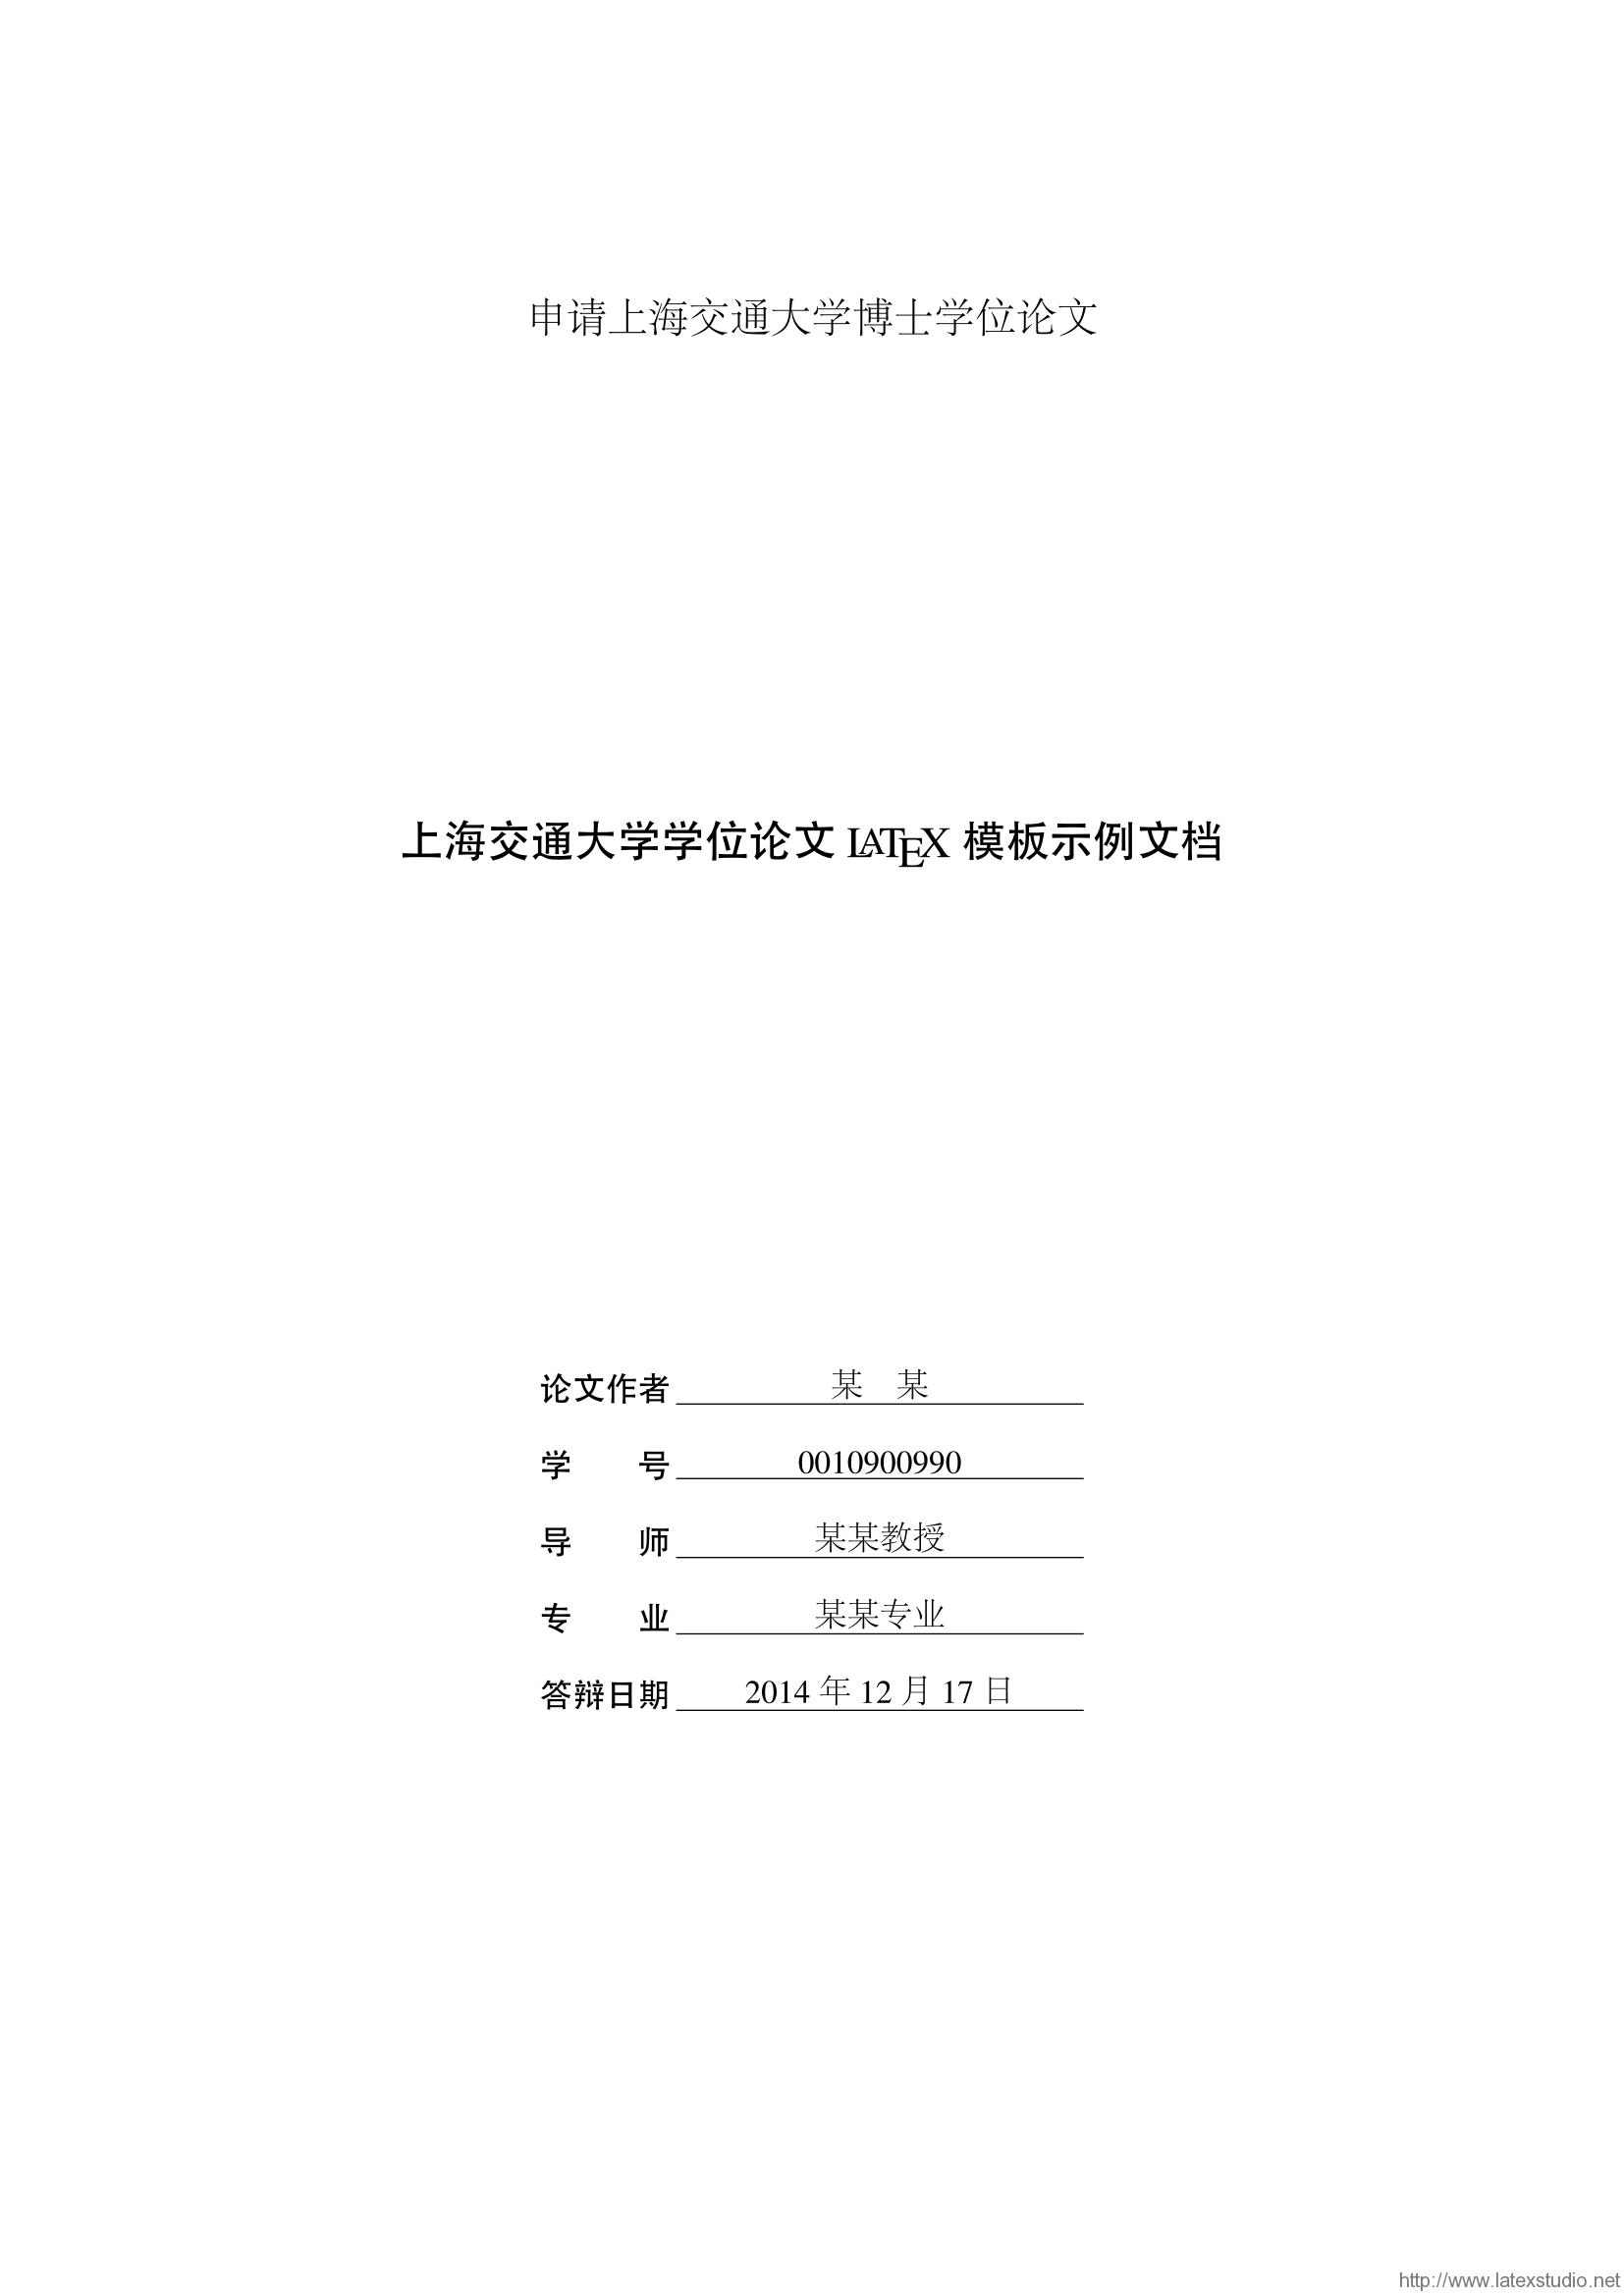 sjtuREADME-01